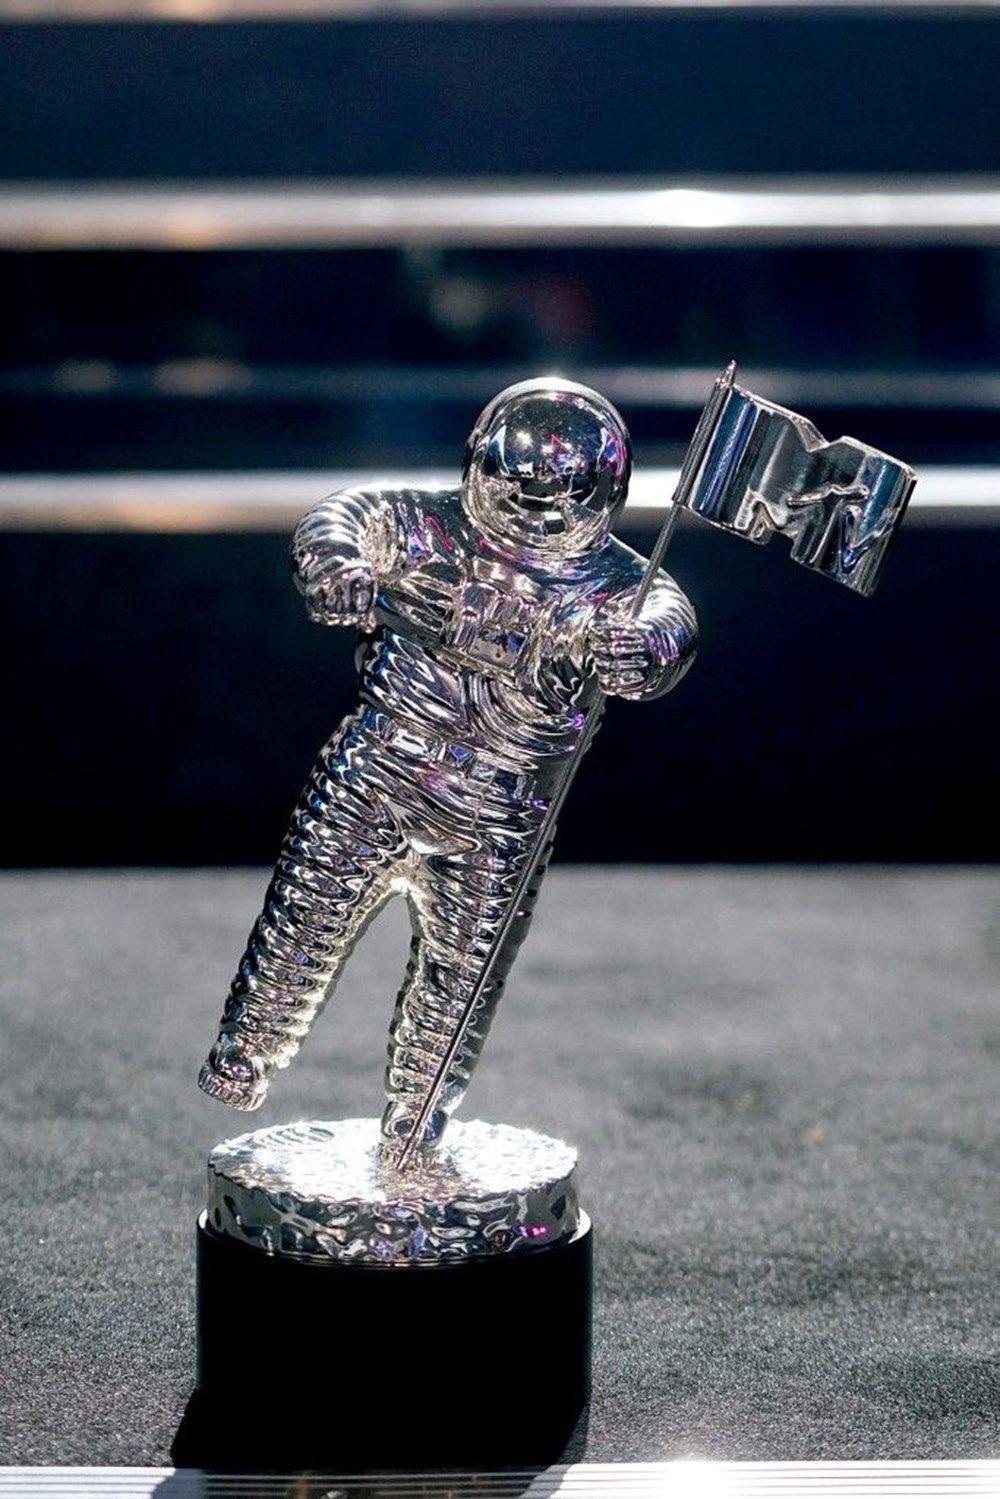 2020 MTV Video Müzik Ödülleri sahiplerini buldu - 7